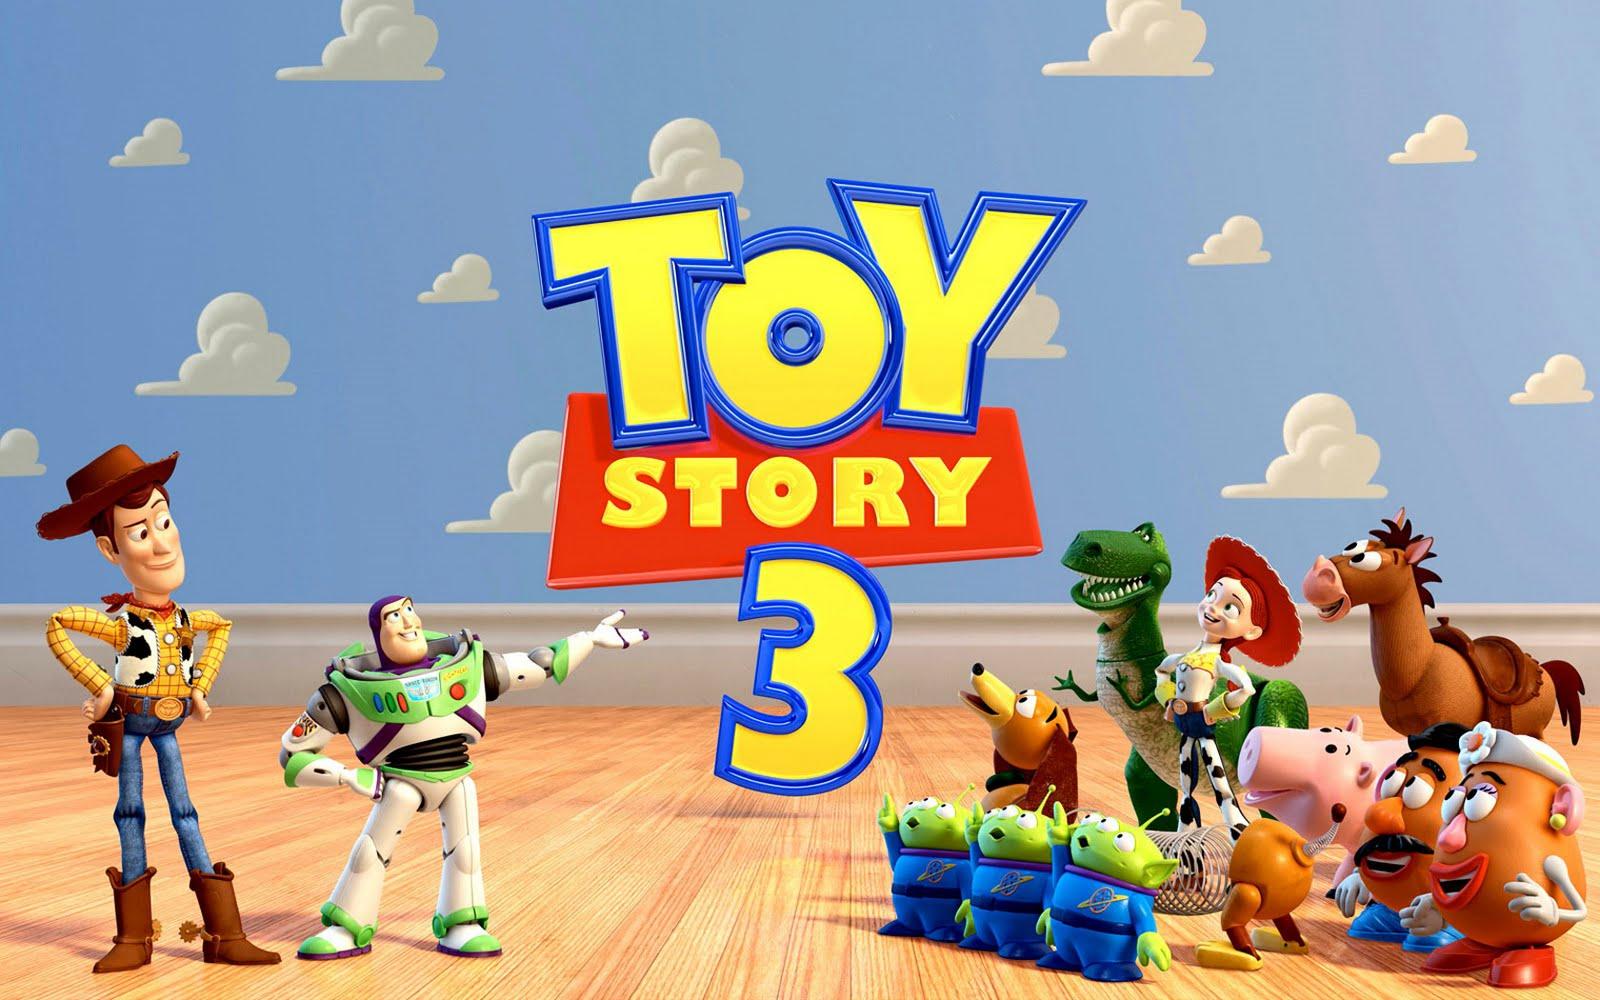 http://3.bp.blogspot.com/_tgKxqbAcB4I/TAjxoryapxI/AAAAAAAAARU/SwOqXt3Nwn4/s1600/toy.jpg